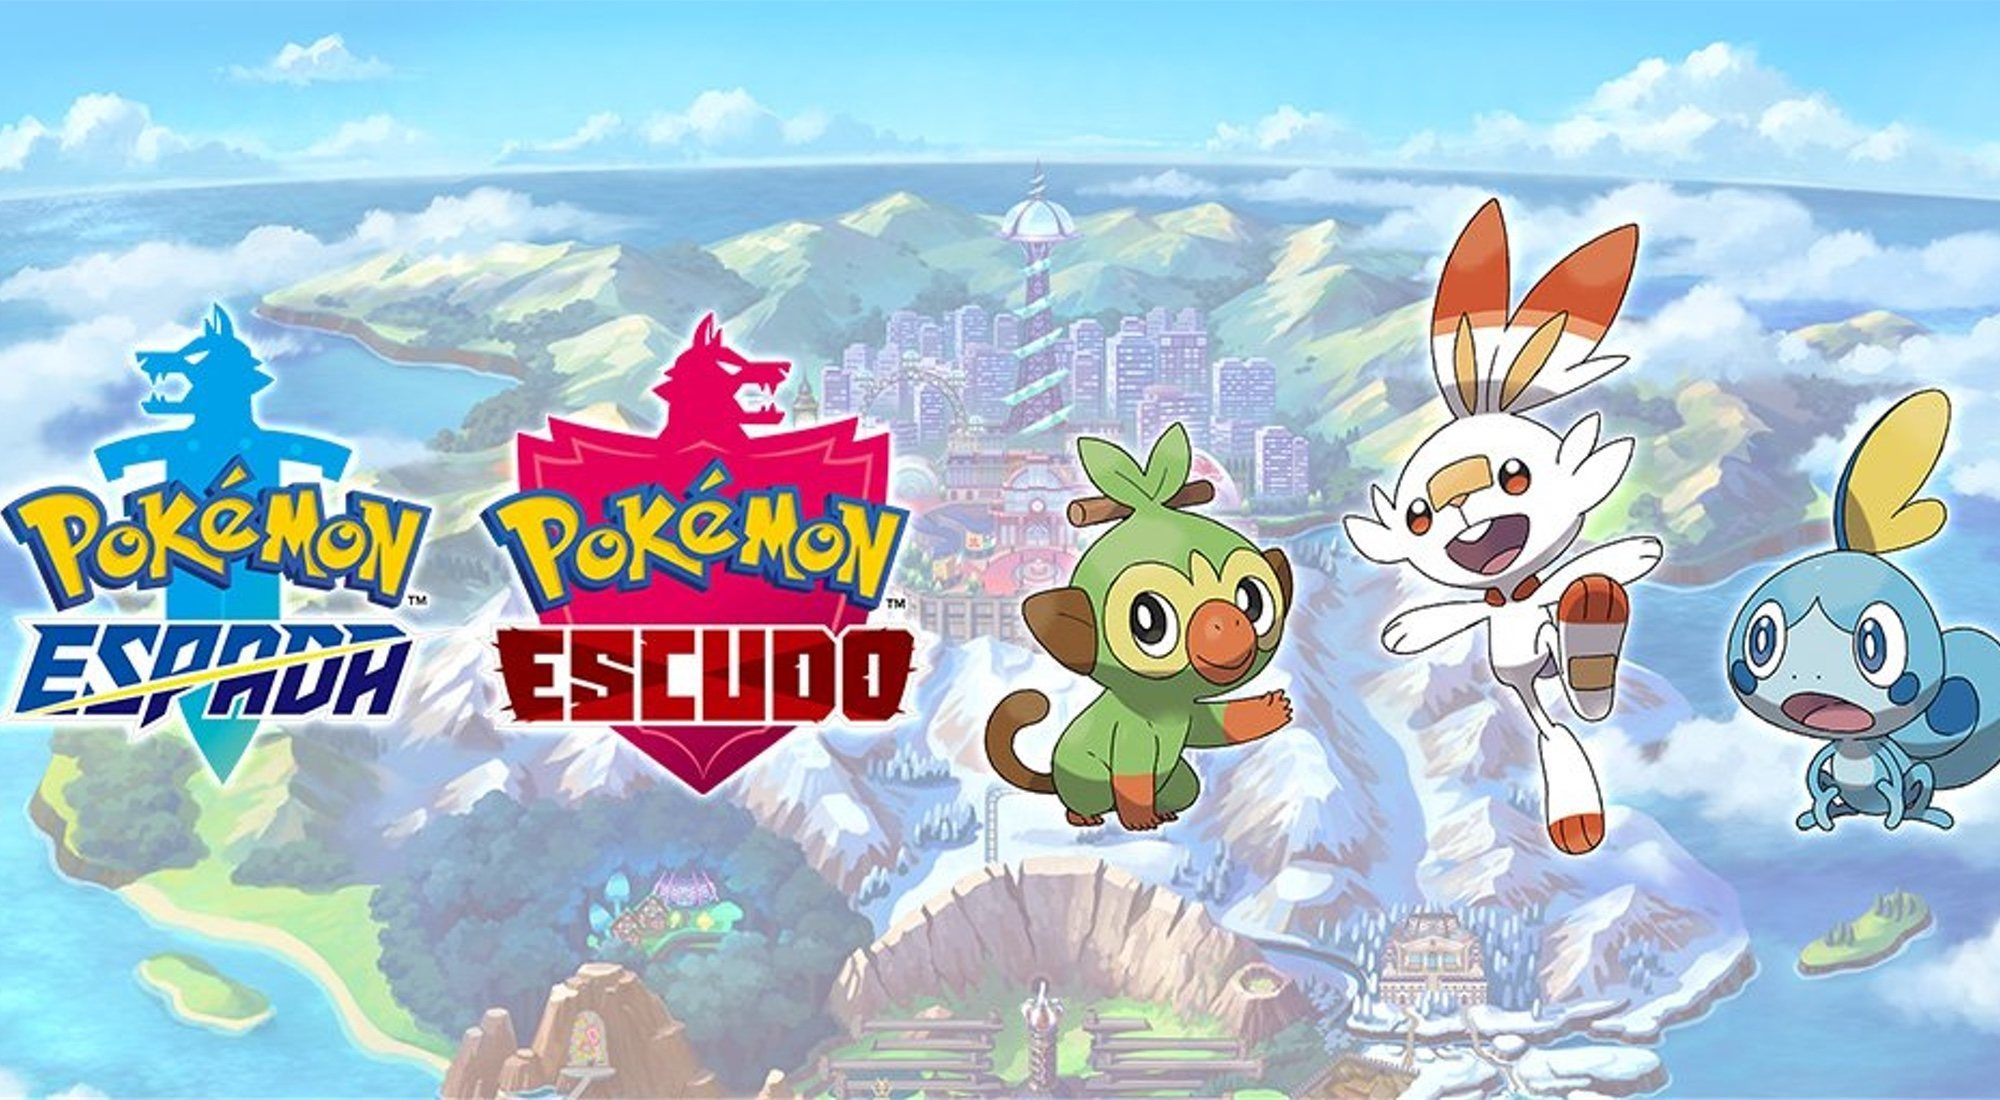 Pokémon Espada y Pokémon Escudo: la octava generación de Pokémon ya está aquí